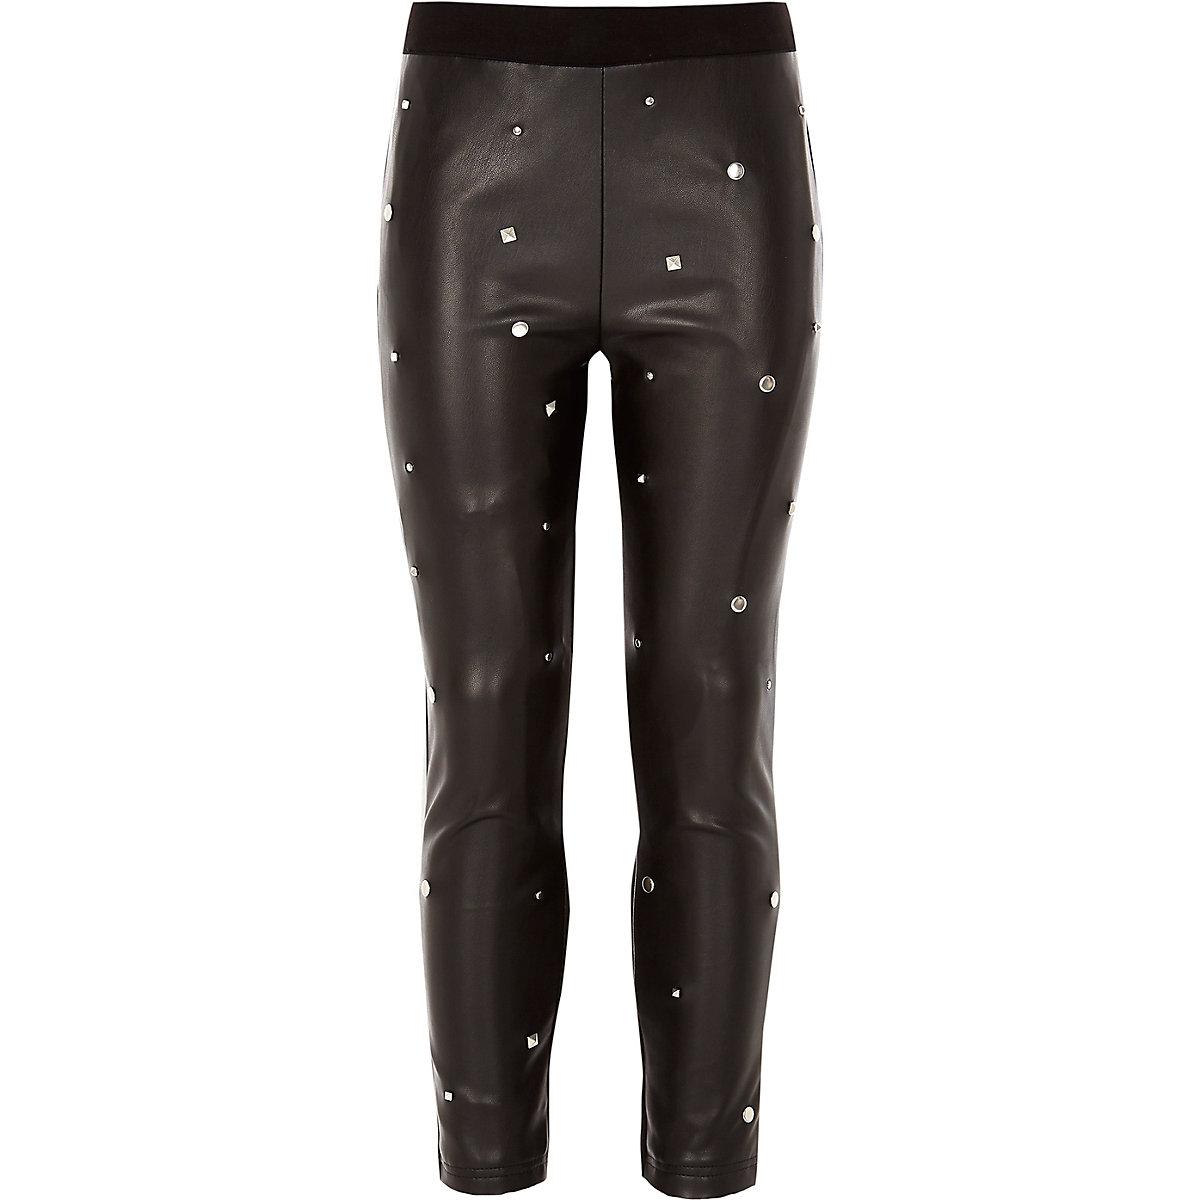 Girls black studded leggings